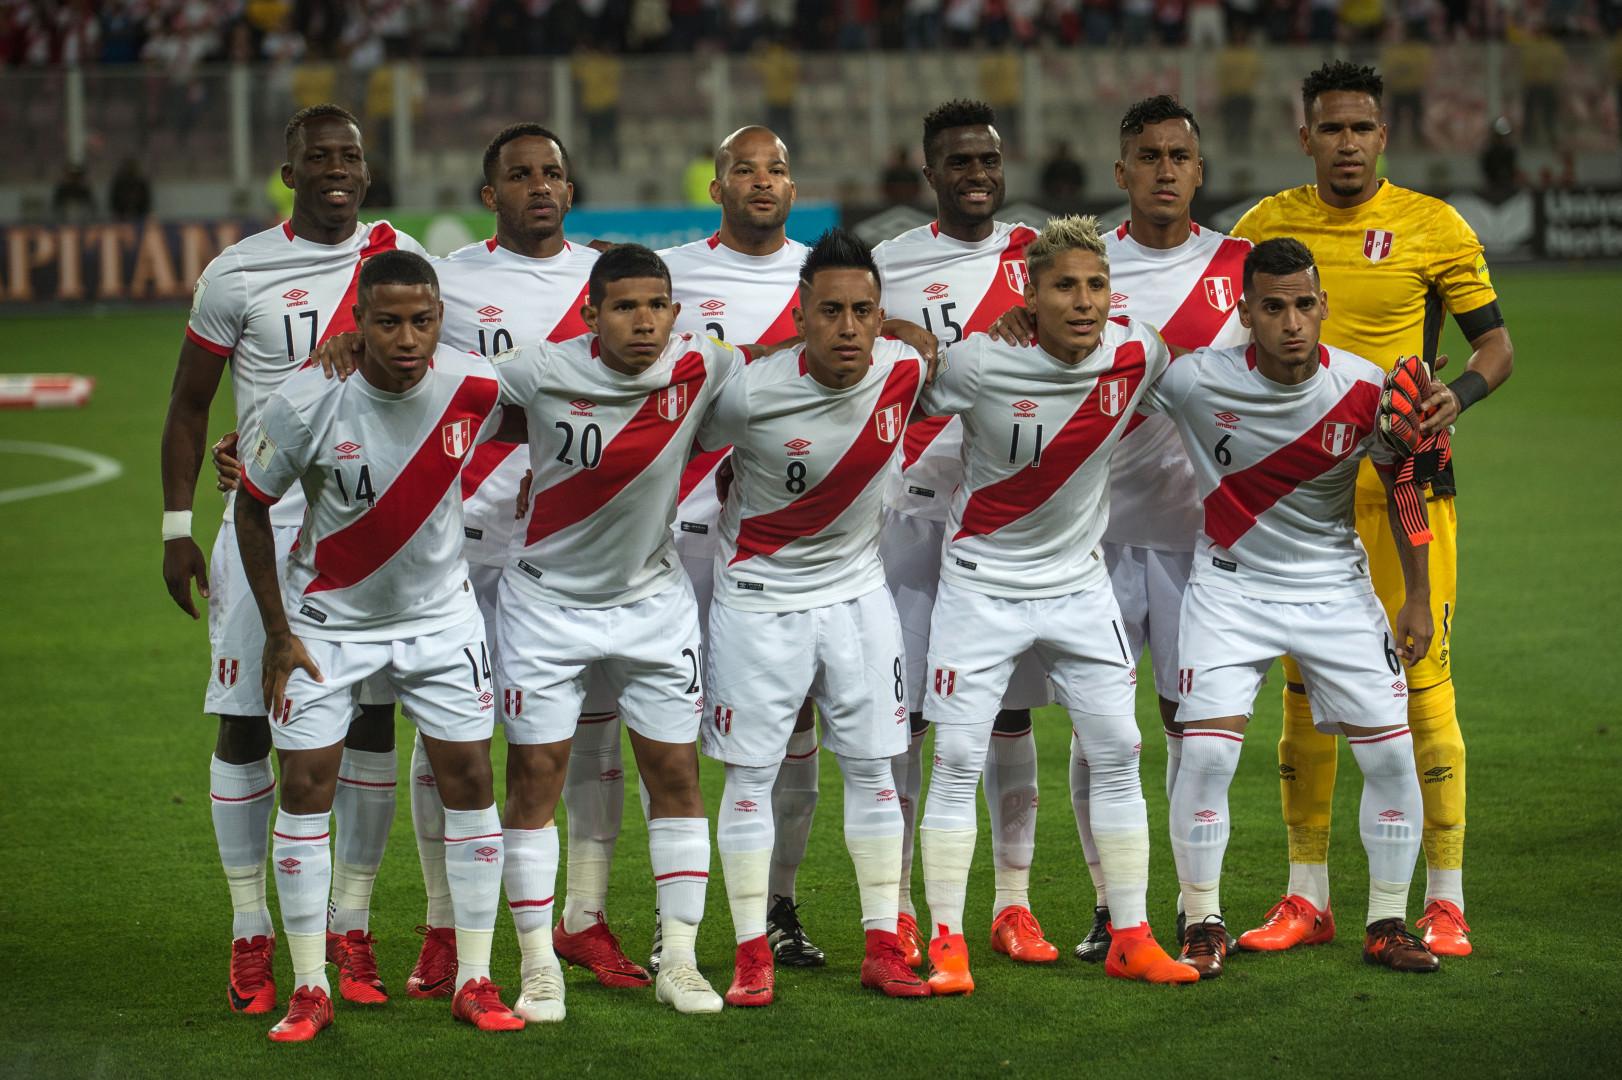 Coupe du Monde 2018 : le Pérou est dans le groupe C